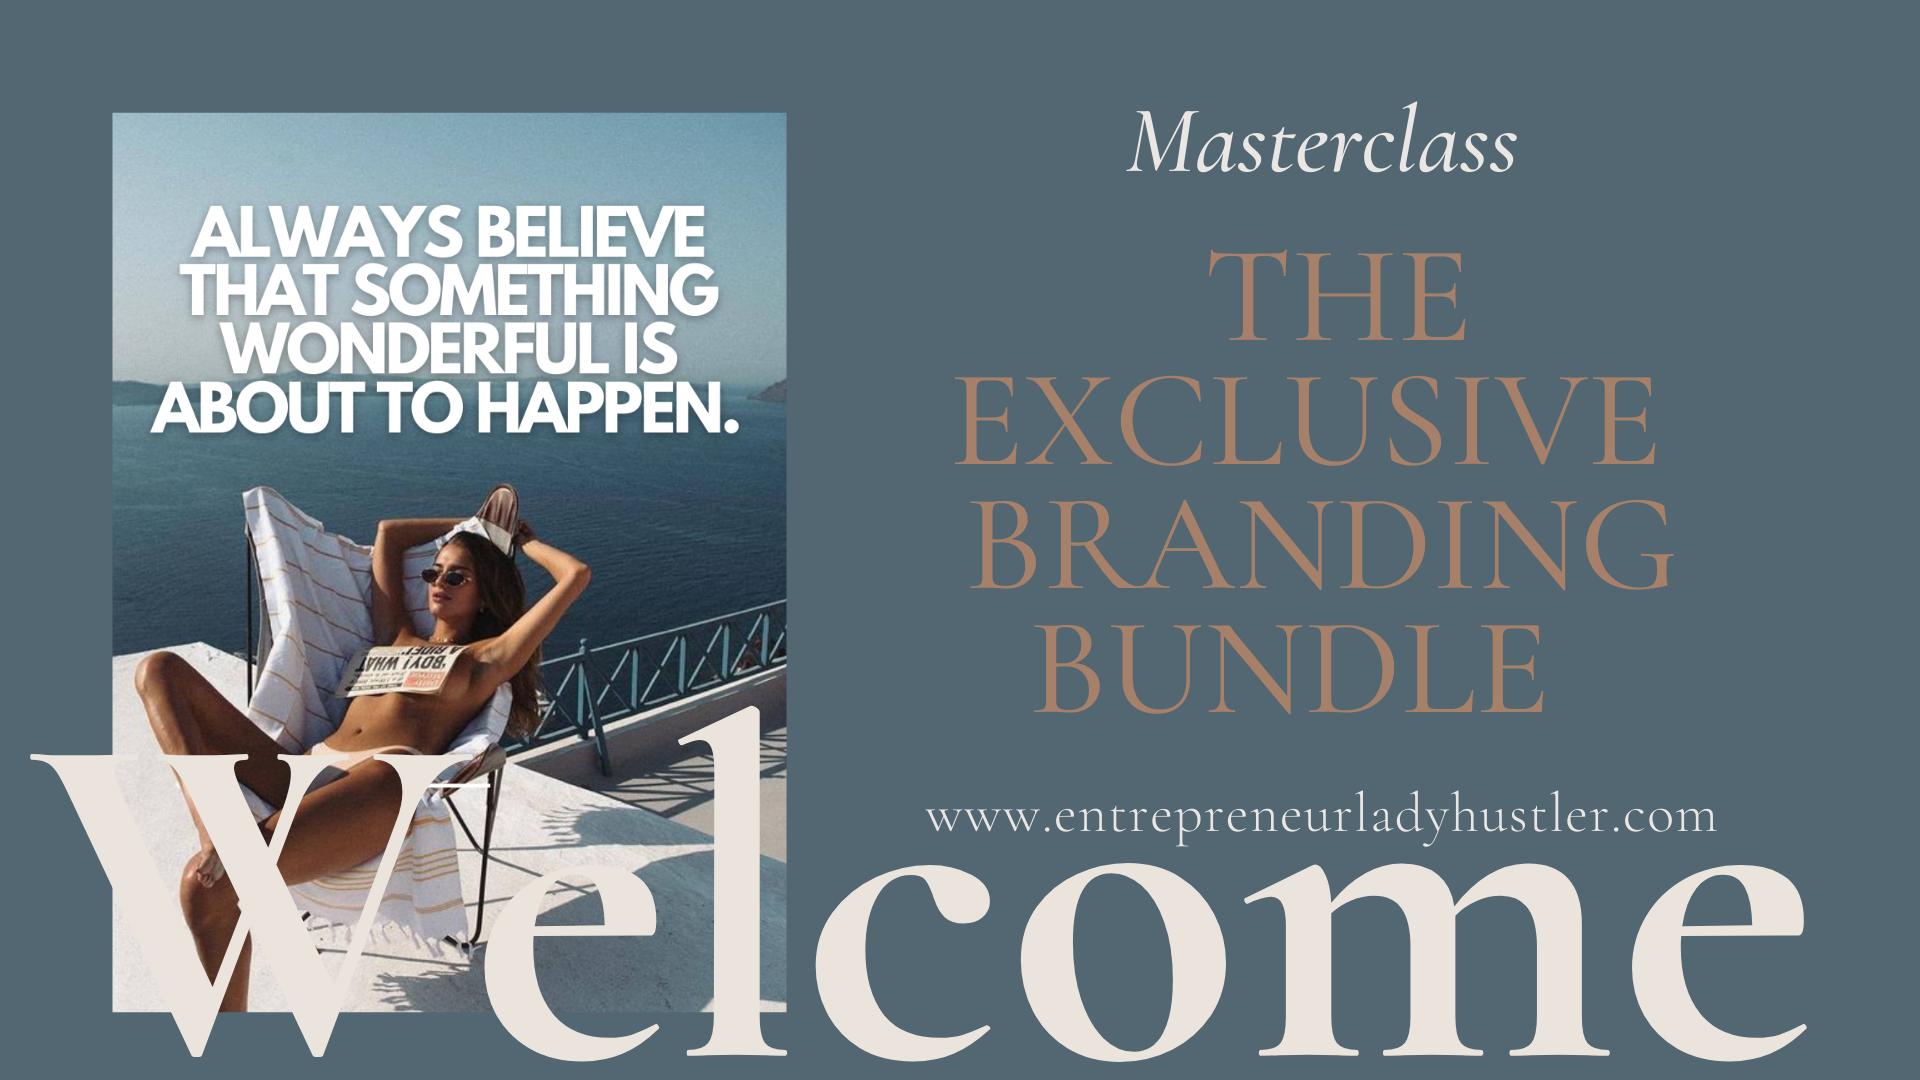 The exclusive branding bundle